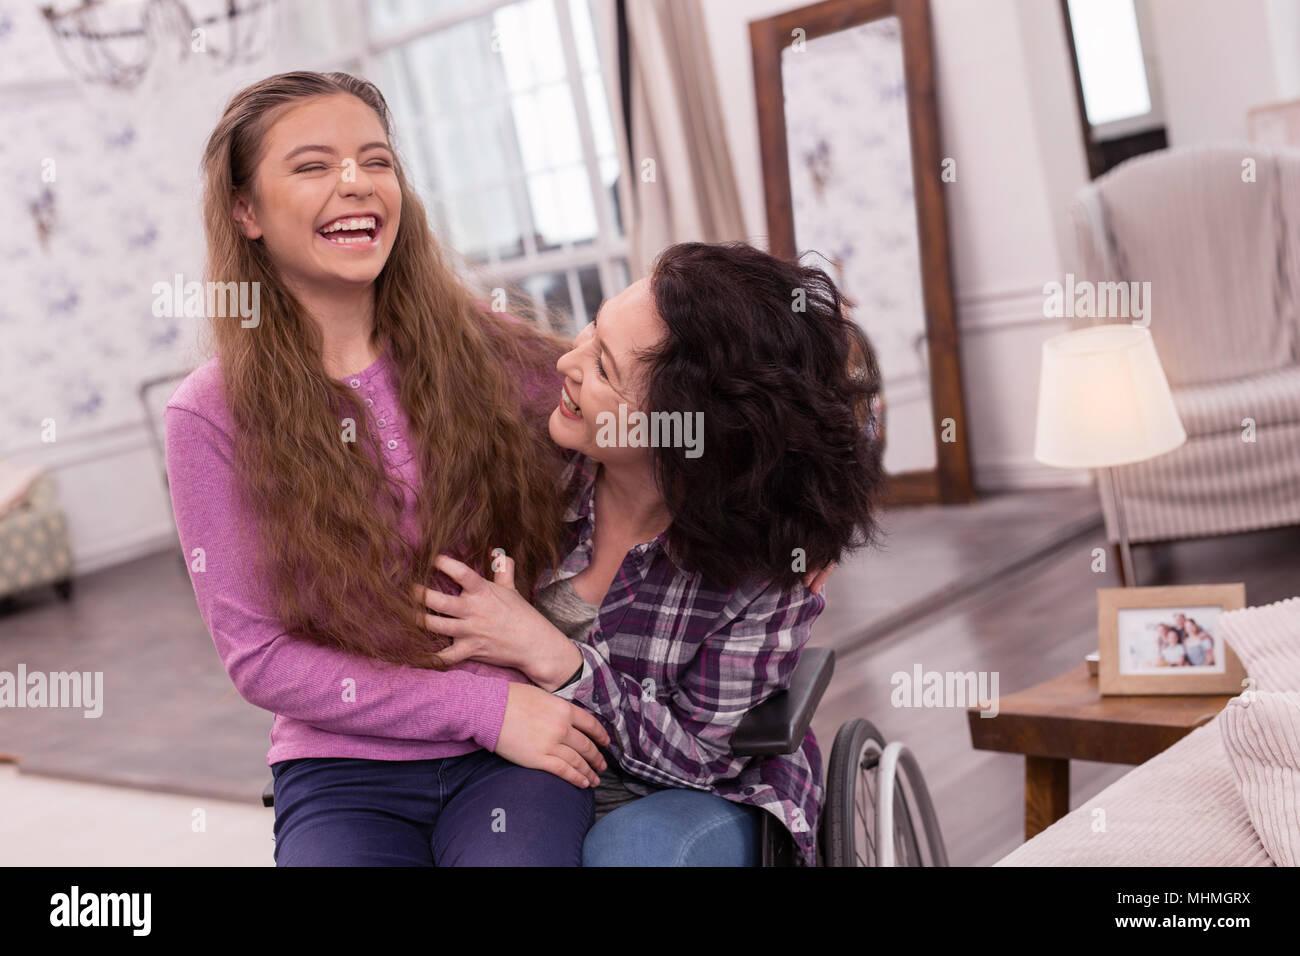 Gemütlich behinderte Frau und Mädchen Witze Stockbild